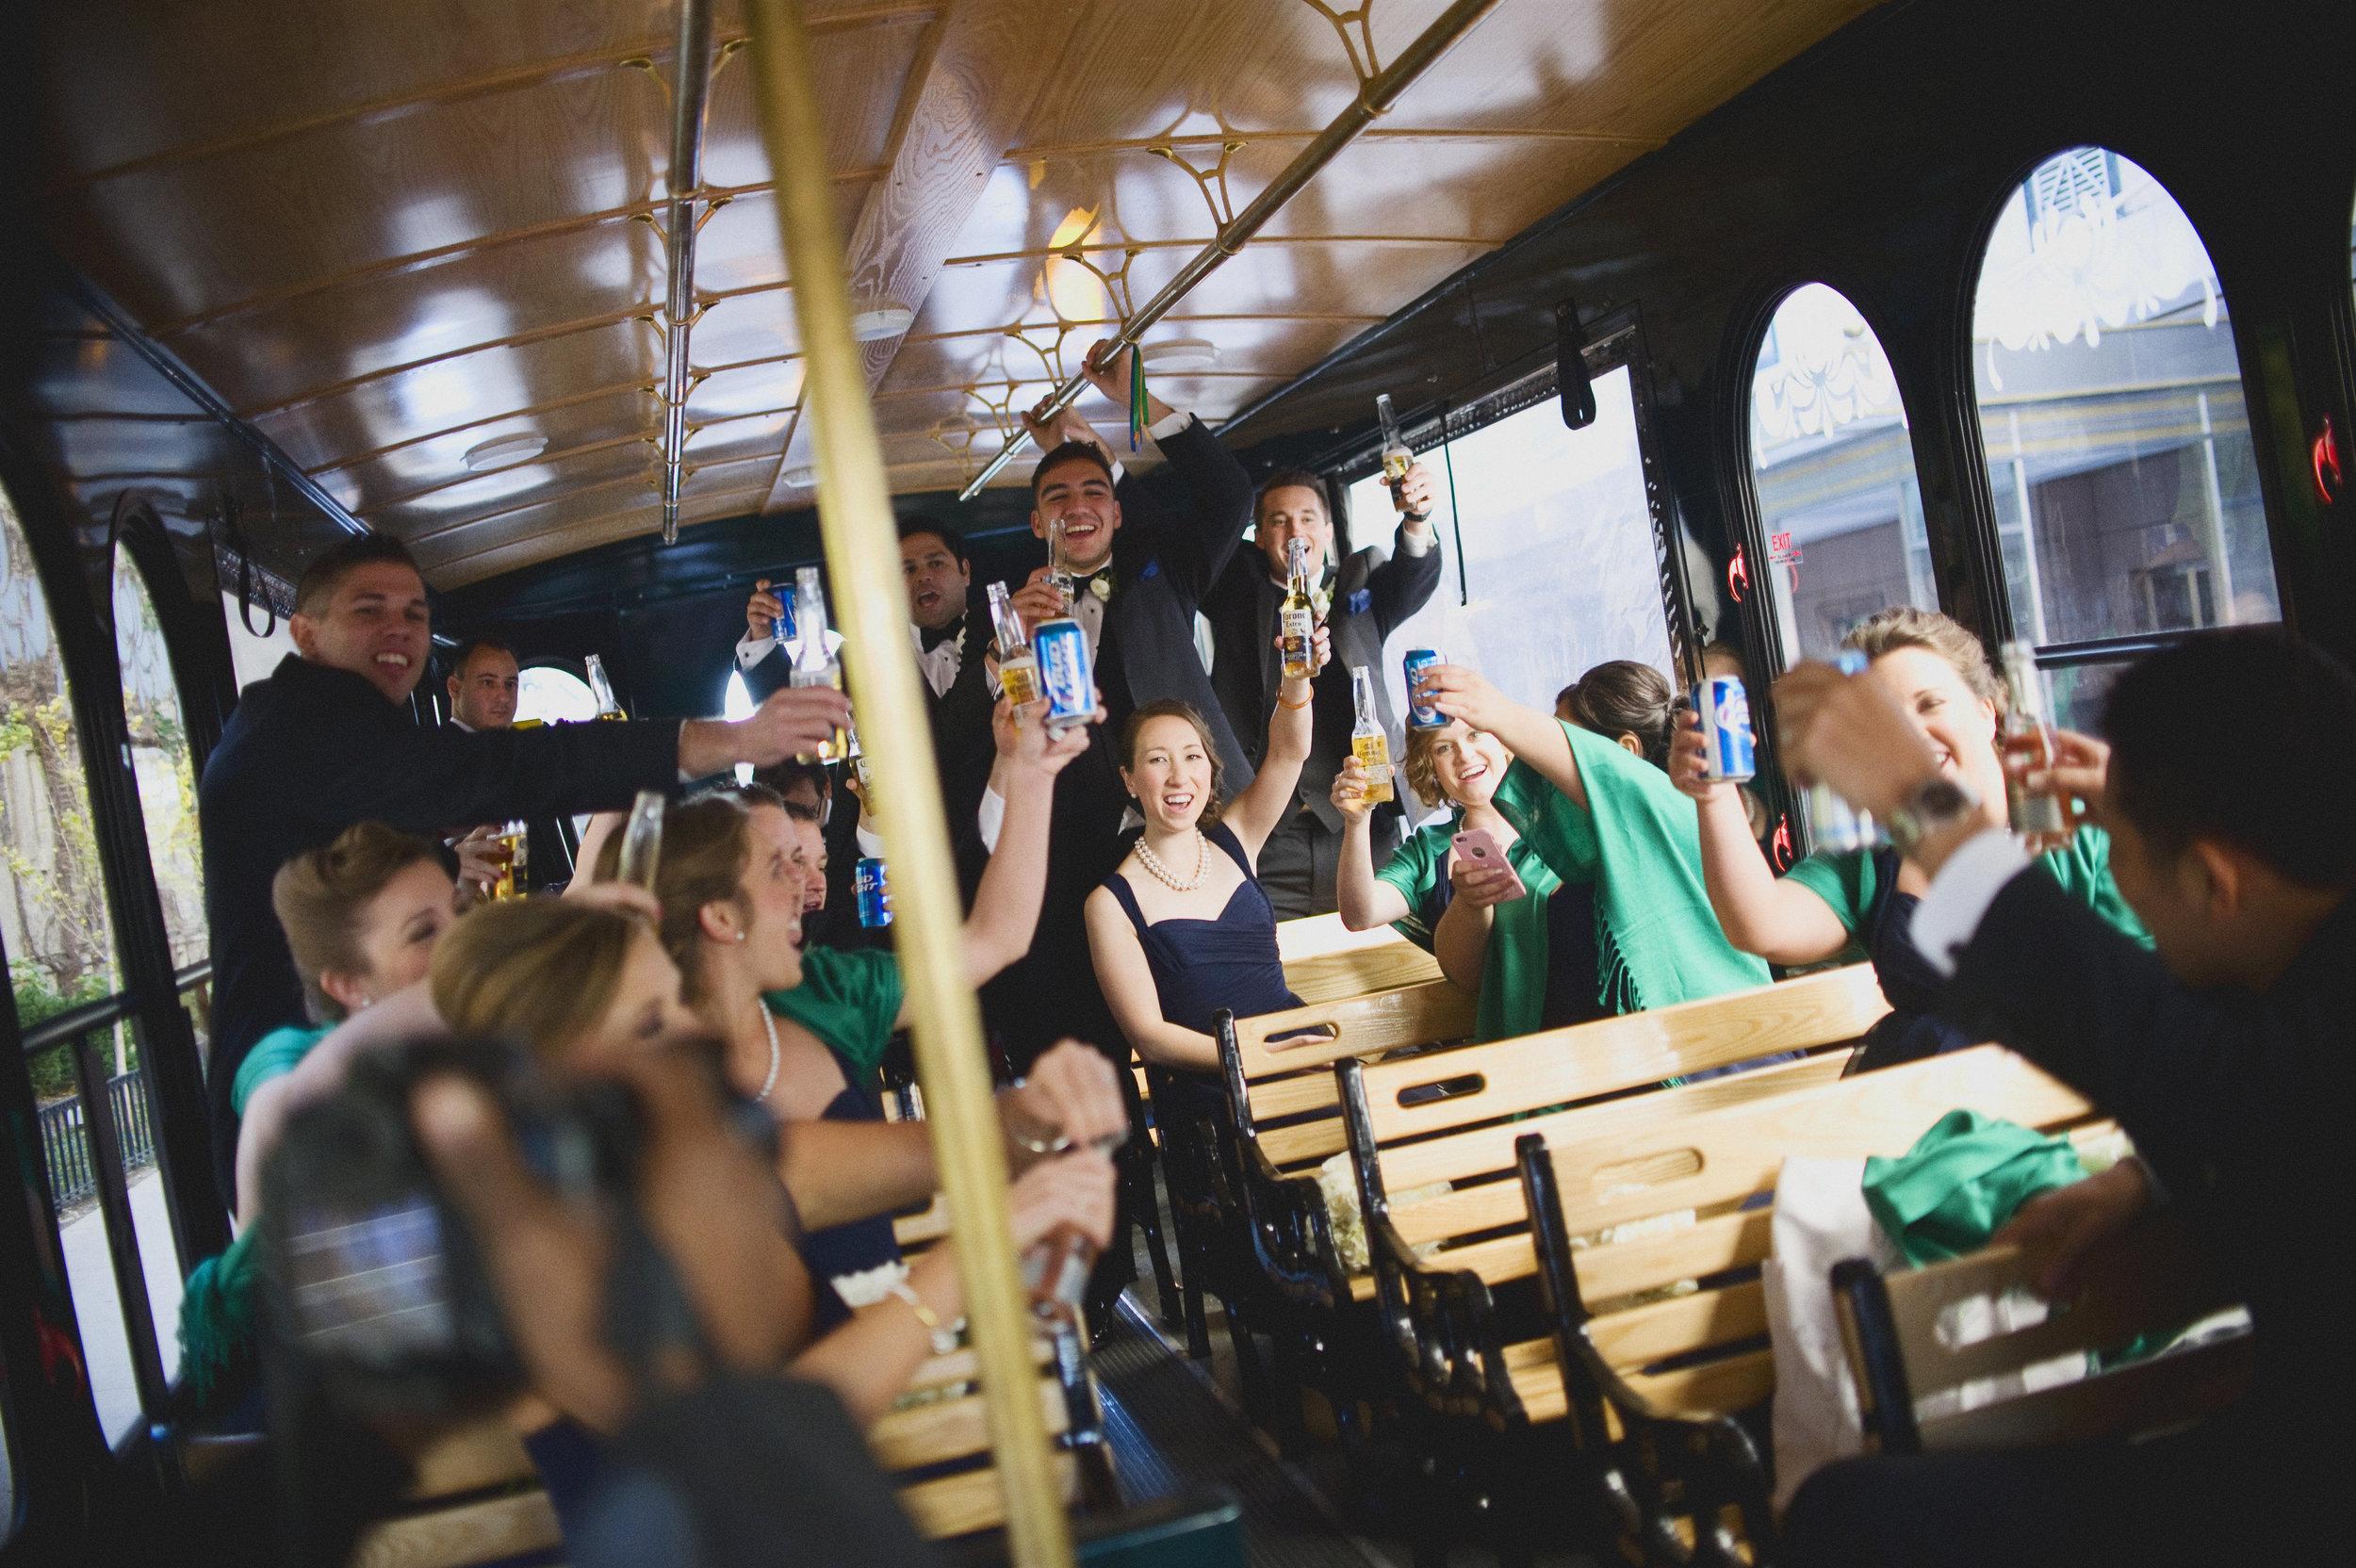 trolley2.jpg